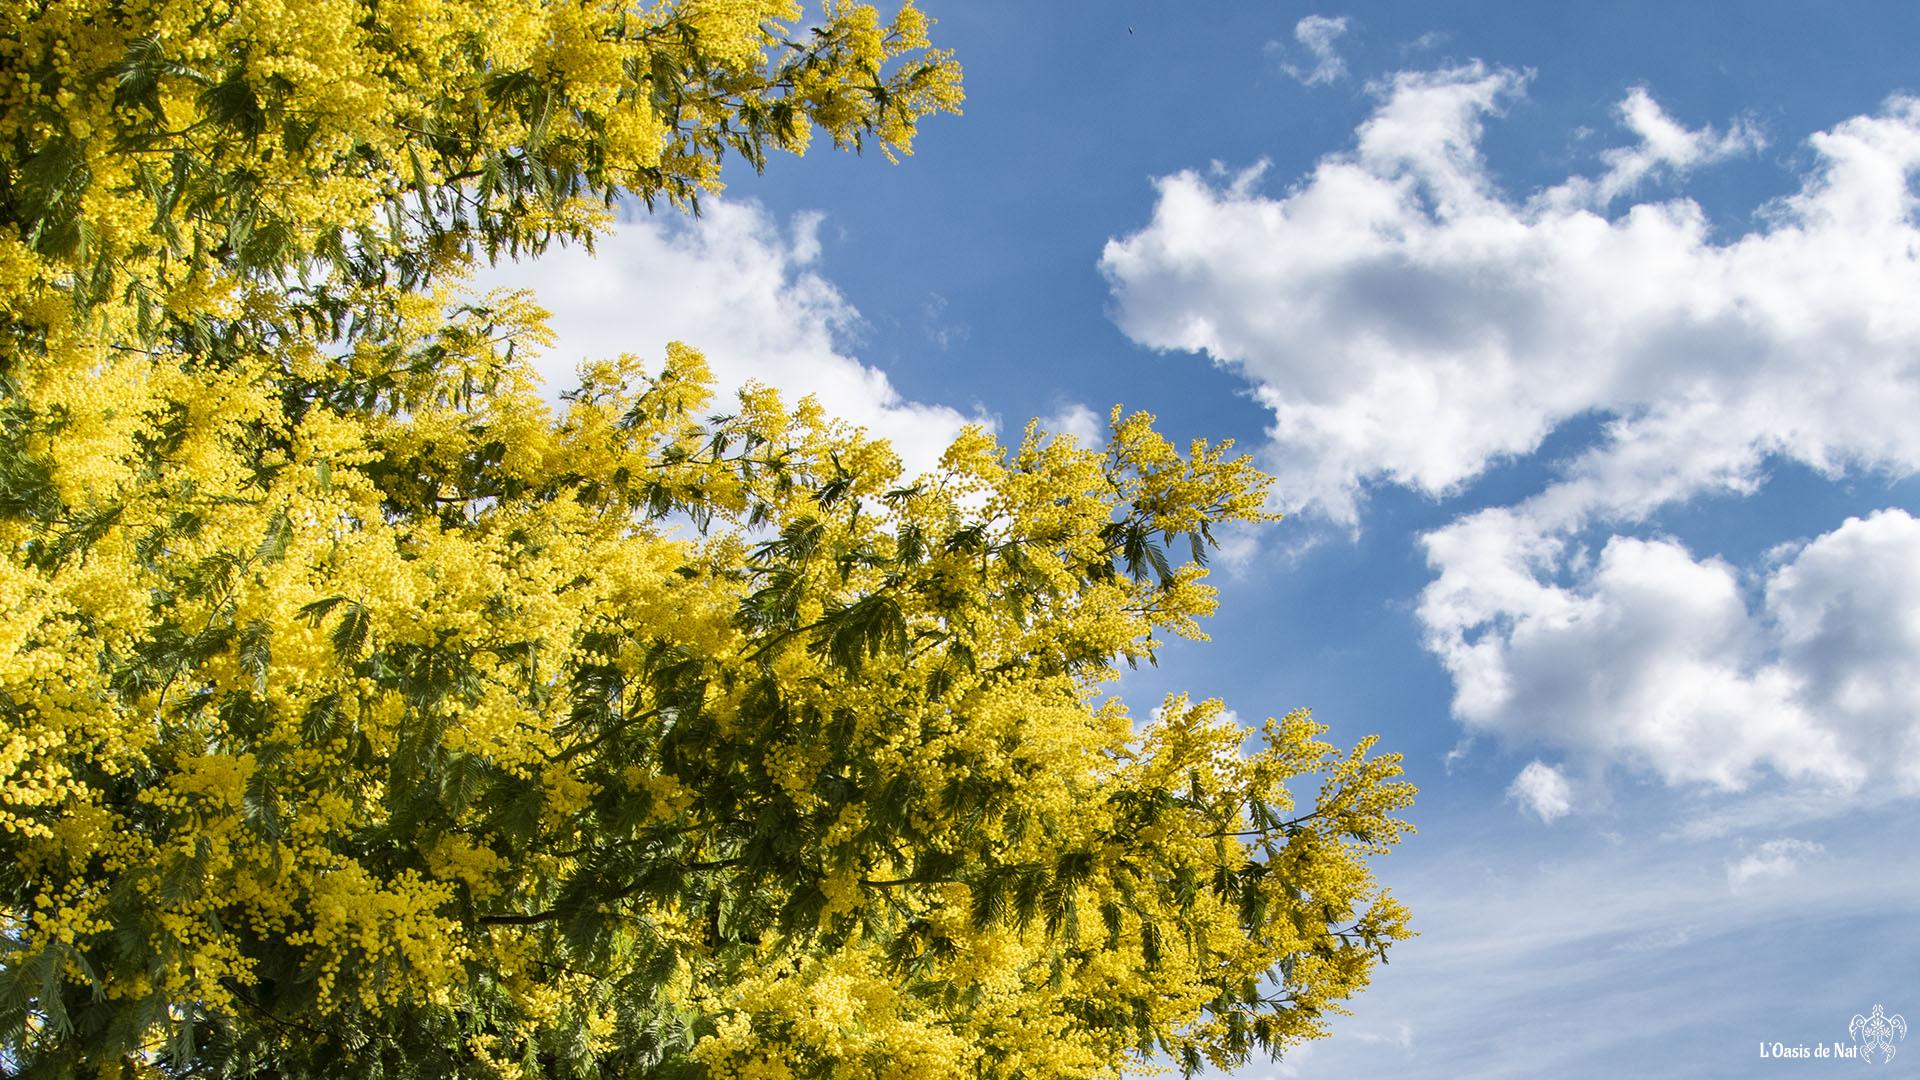 Le mimosa capte chaque rayon du soleil d'hiver